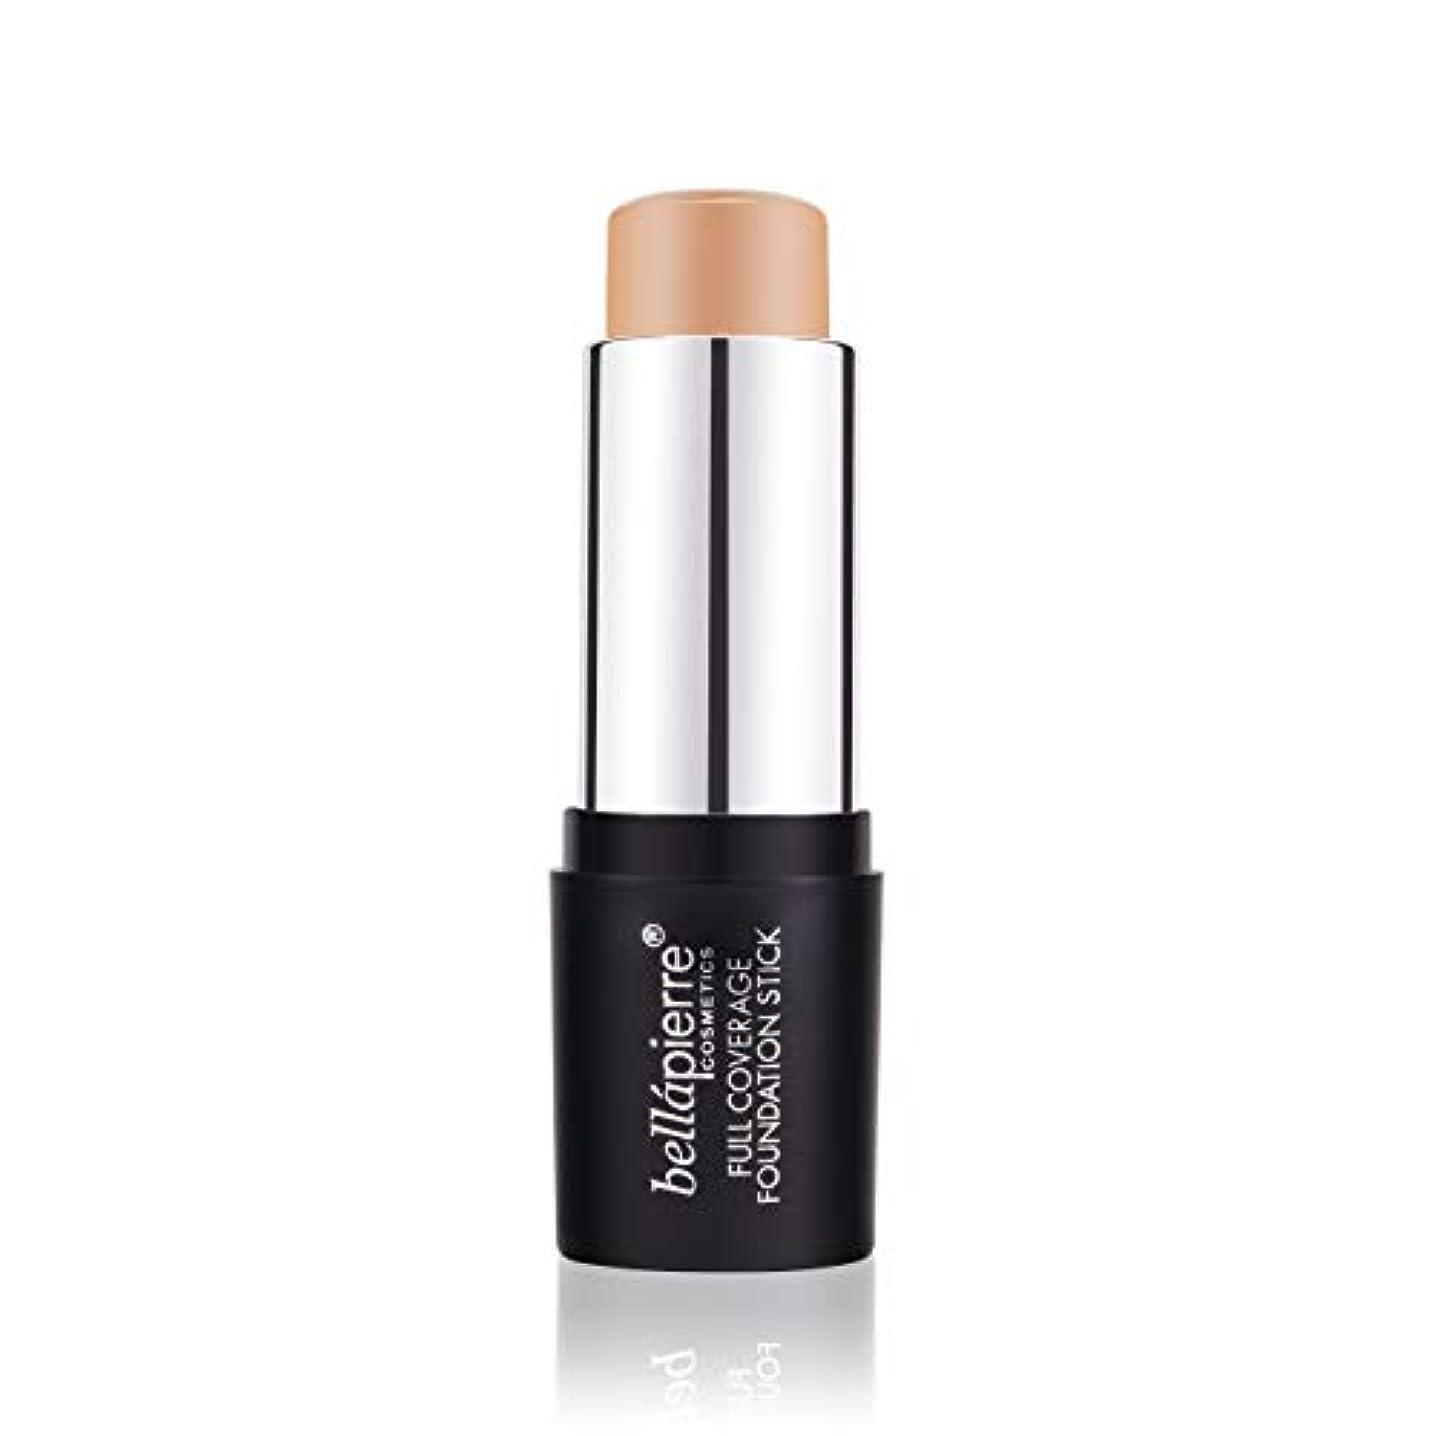 条件付き解体するリハーサルBellapierre Cosmetics Full Coverage Foundation Stick - # Dark 10g/0.35oz並行輸入品